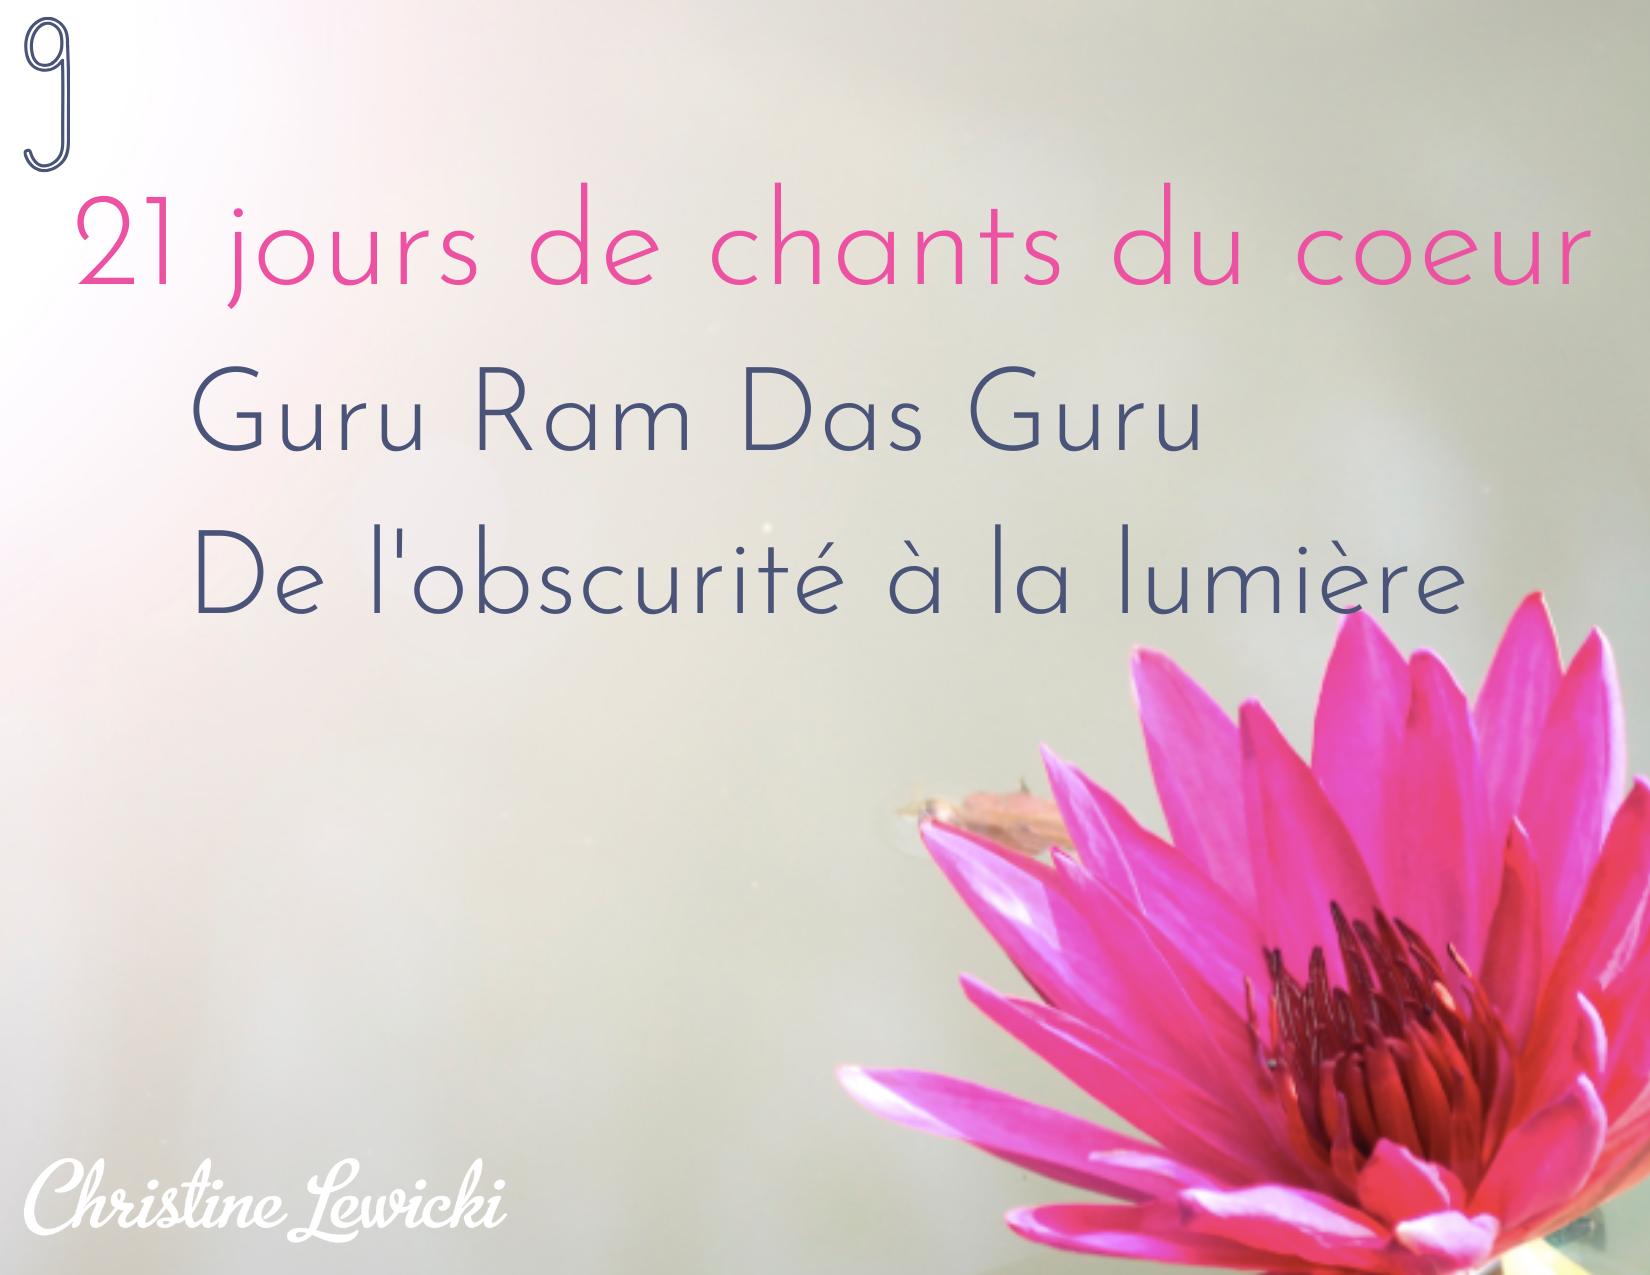 Guru Ram Das Guru - de l'obscurité à la lumière